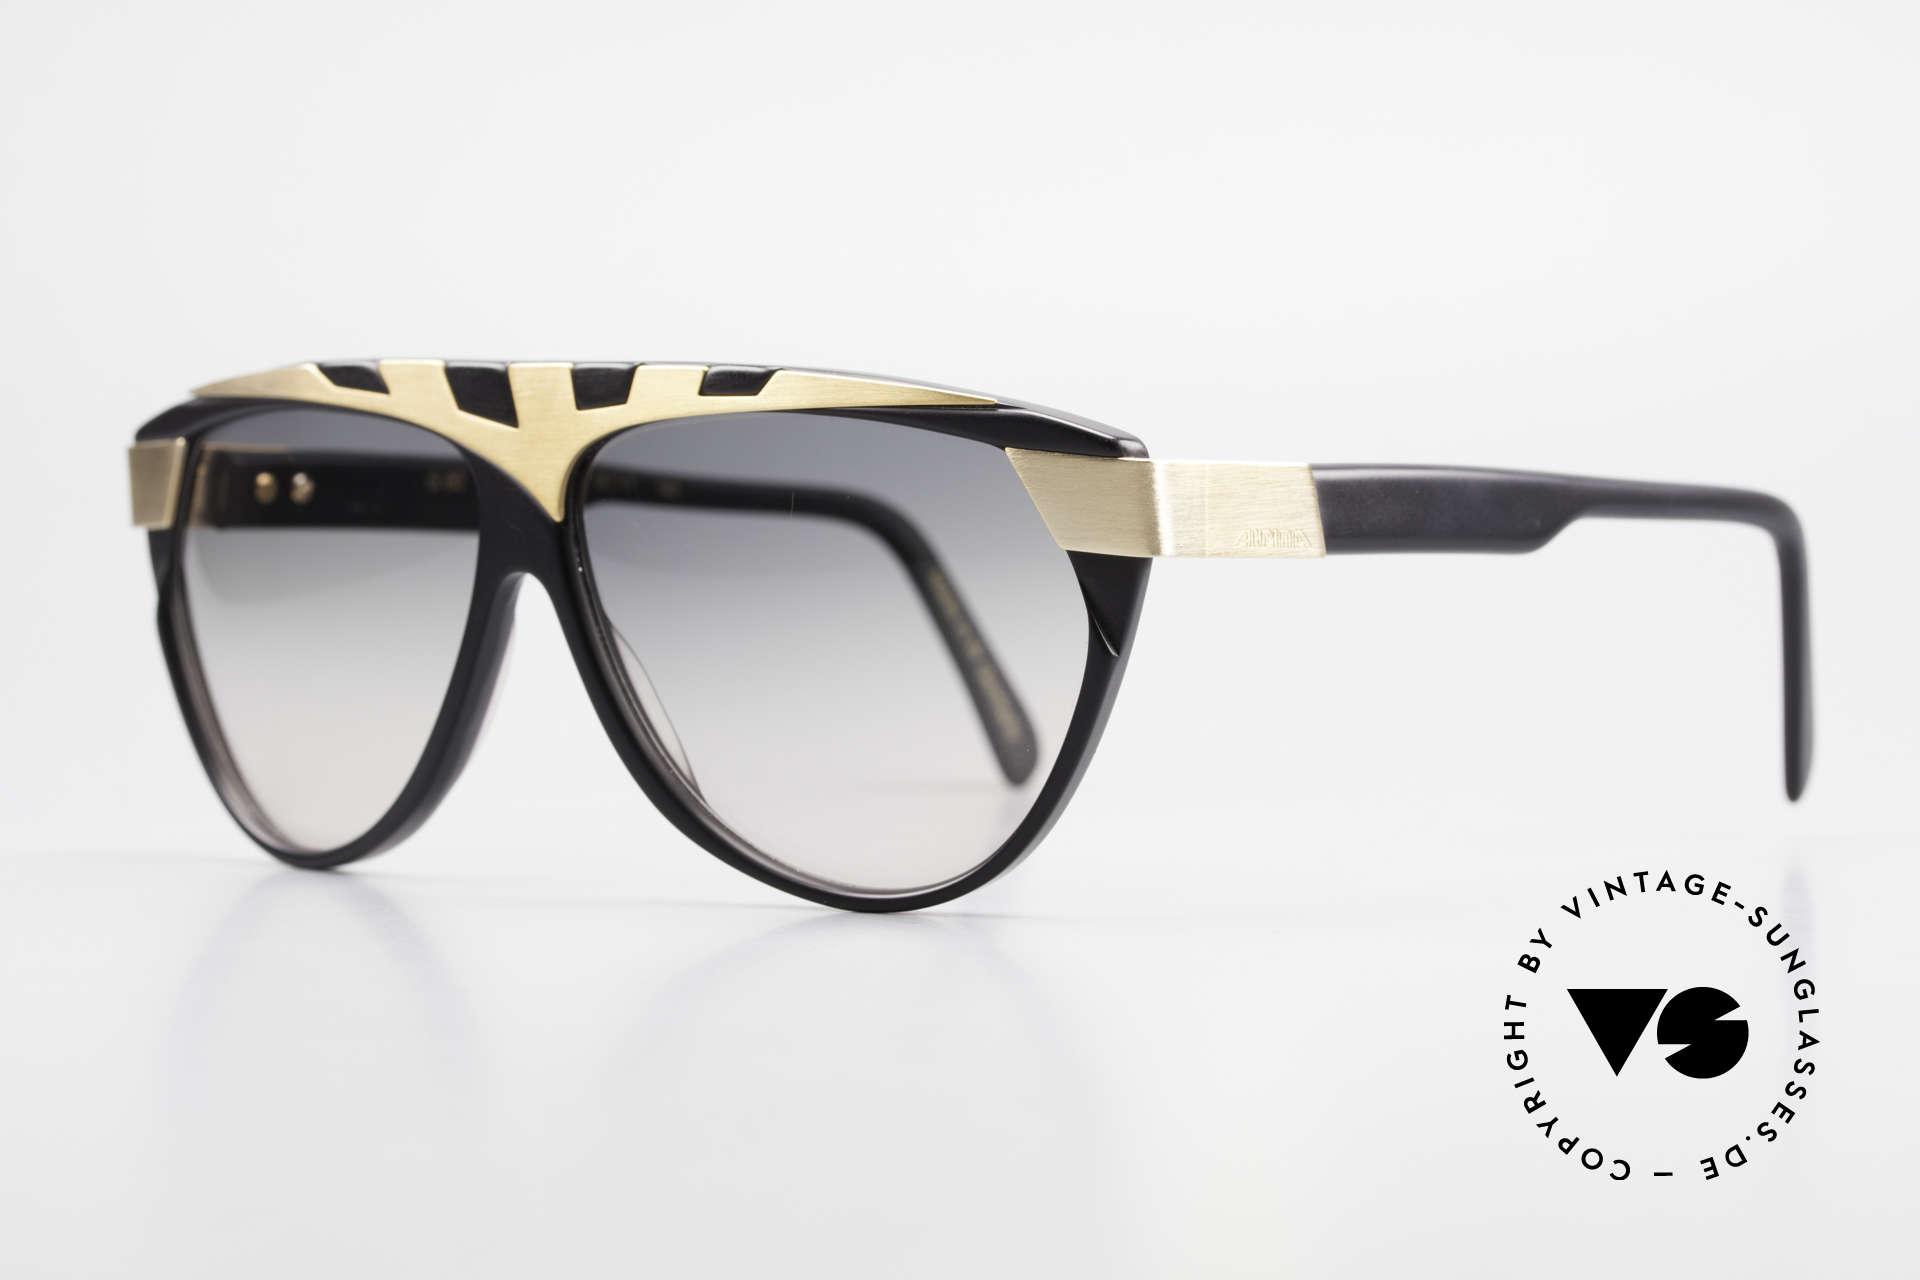 Alpina G80 Vergoldete 80er Sonnenbrille, echte Handarbeit aus den 80ern (made in W.Germany), Passend für Herren und Damen